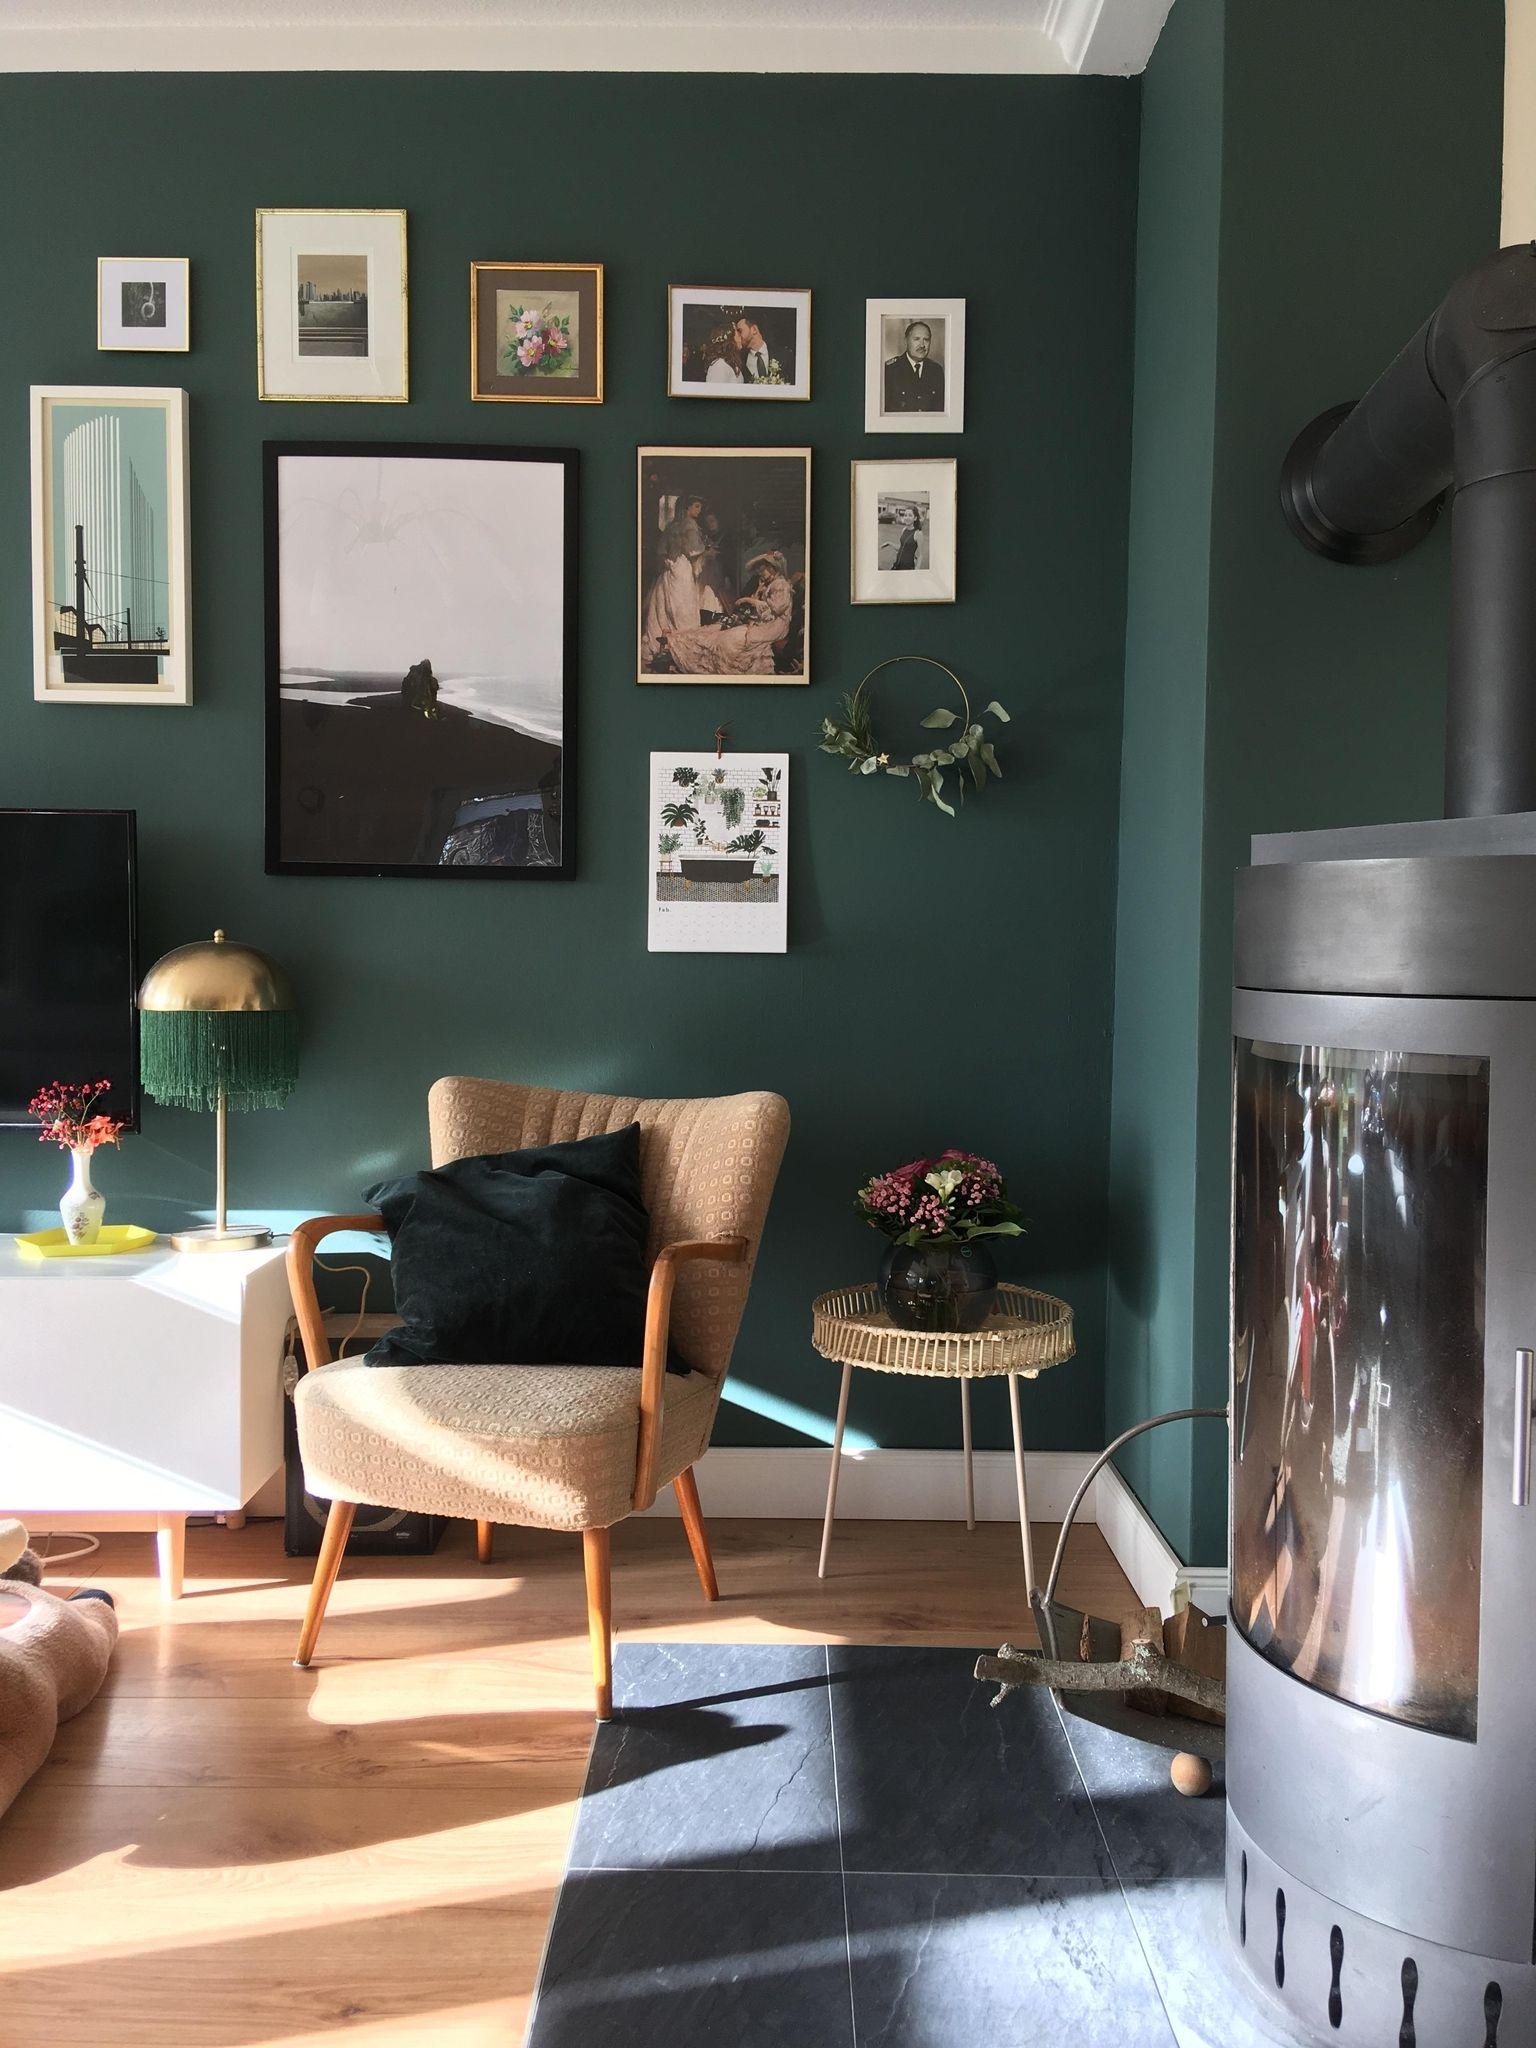 Meine Liebste Ecke Im Haus Wohnzimmer Bildergal Wohnzimmer Einrichten Wandfarbe Wohnzimmer Wohnung Wohnzimmer